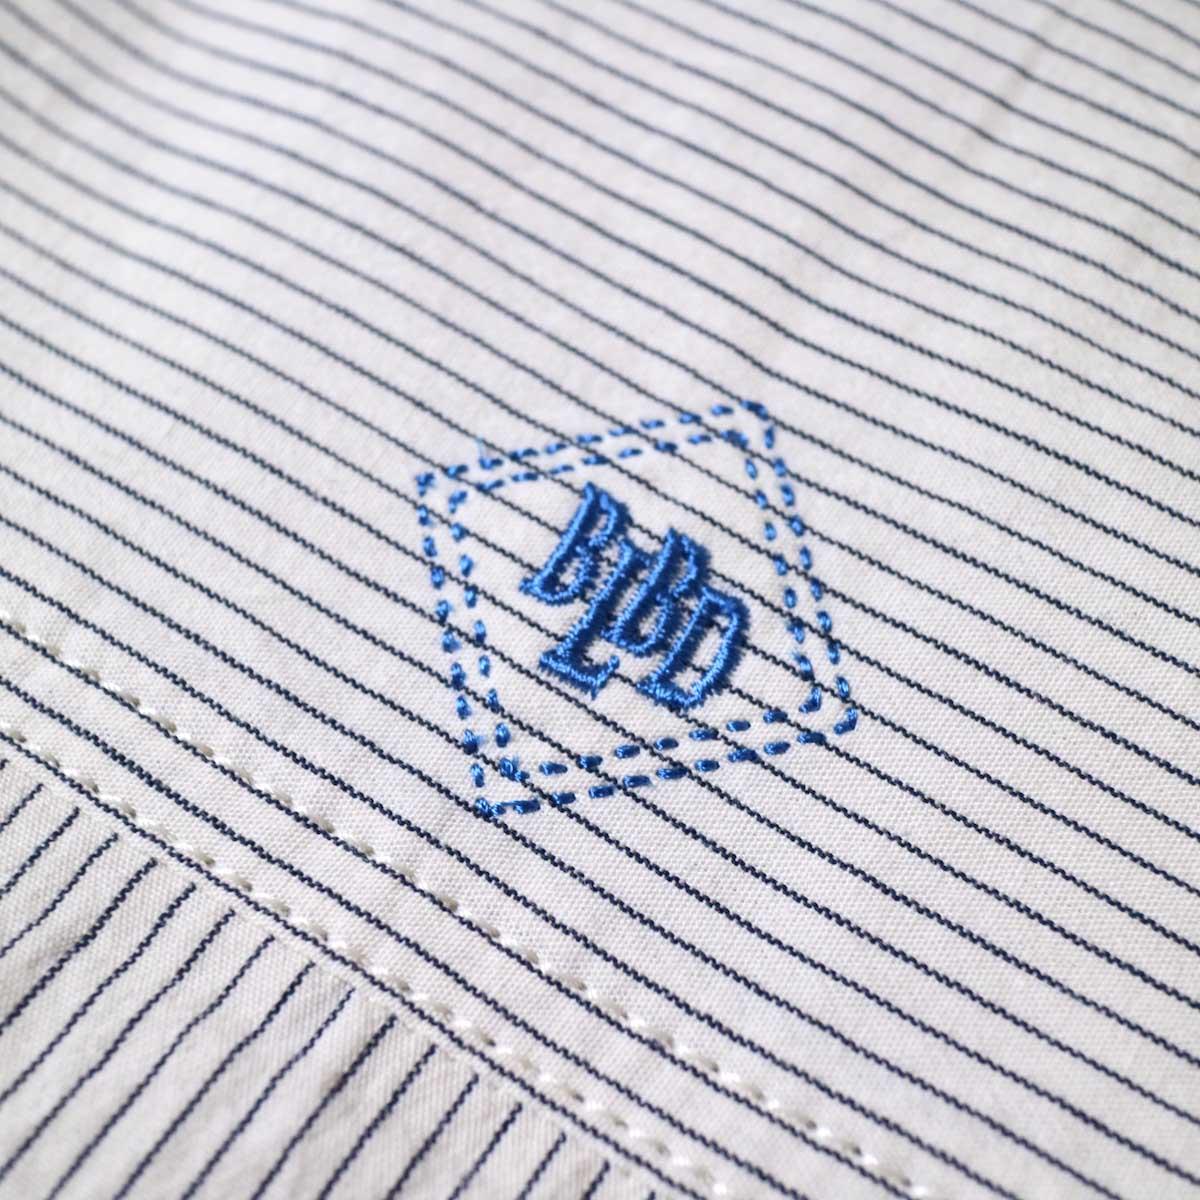 BLUEBIRD BOULEVARD / ブストライプダブルワッシャーシャツドレス (Ivory×Black) 背面ロゴ